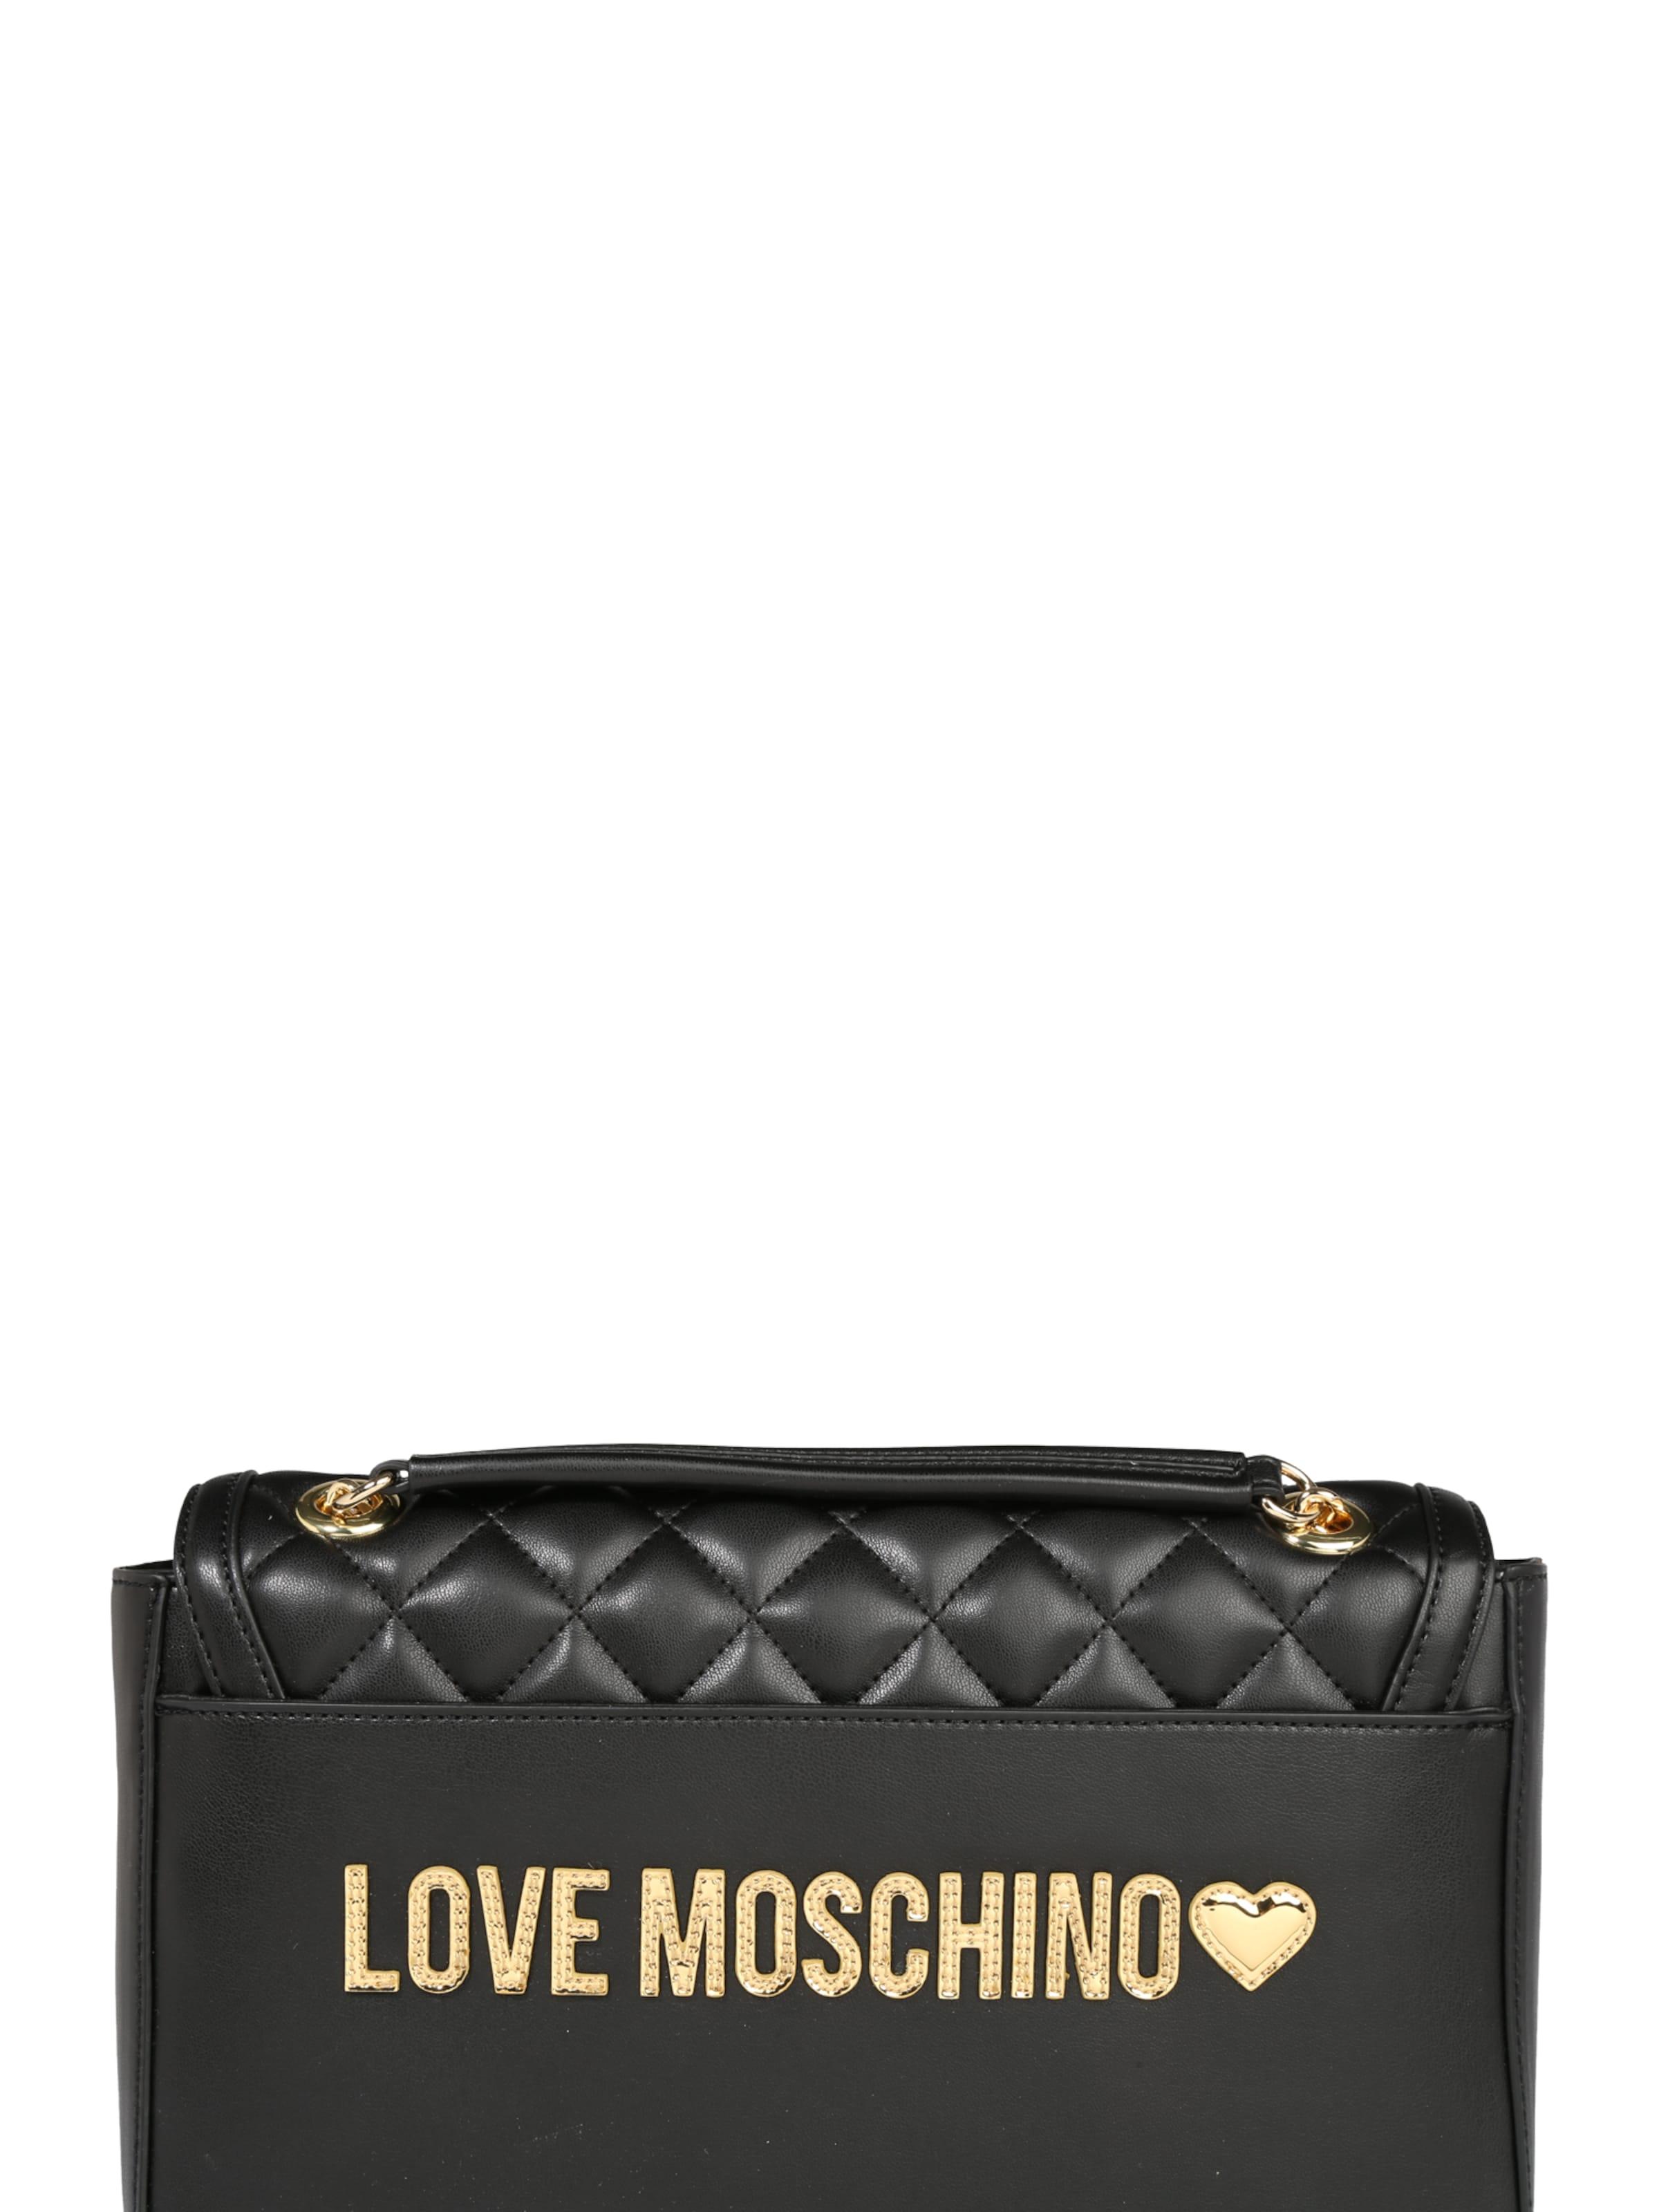 Love Moschino Schultertasche mit Rautensteppung Bestes Geschäft Zu Bekommen Hci9CGr